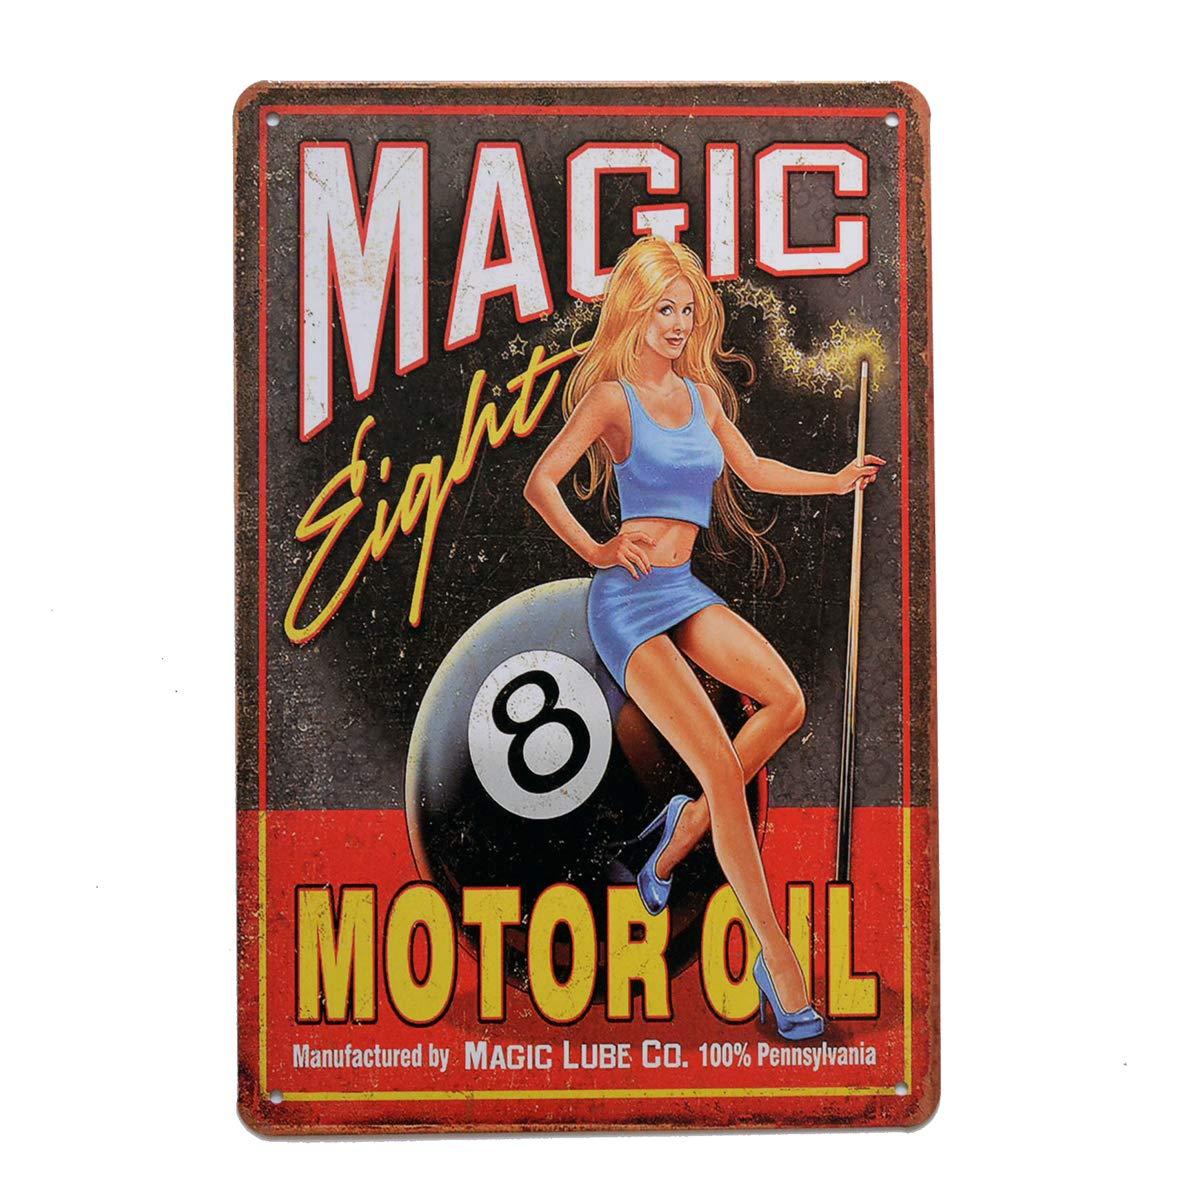 8/x 12//20/x 30/cm Decorazione da Parete per casa Garage Bar Man Cave Otto Olio per Motore pei di Retro Vintage Metal Sign Magic